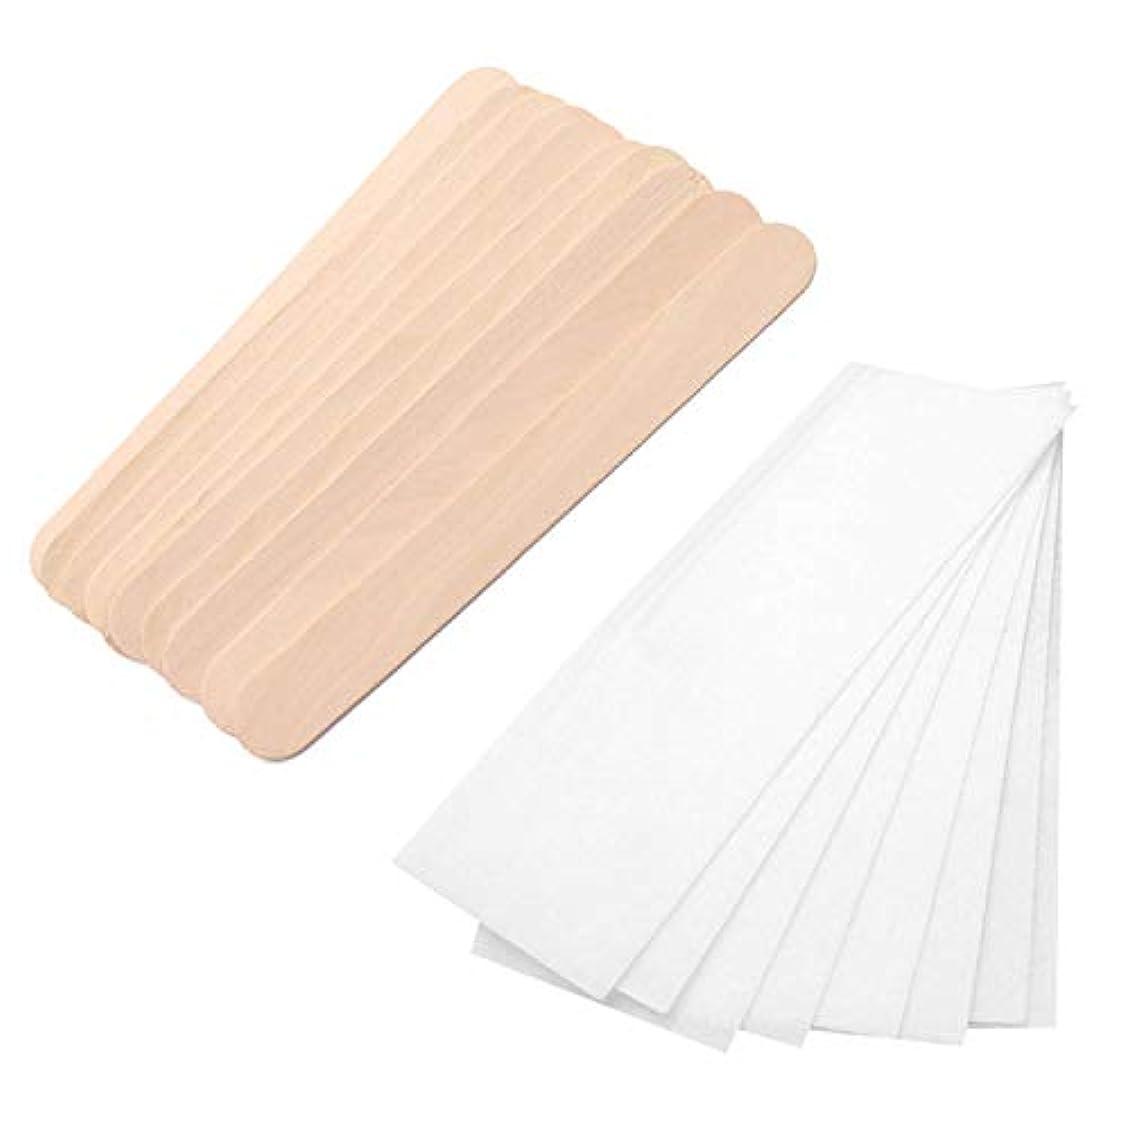 五月より多いスタッフMigavann 100個木製ワックススティック 使い捨て木製ワックススティックへらアプリケーター 100個不織ワックスストリップ脱毛紙